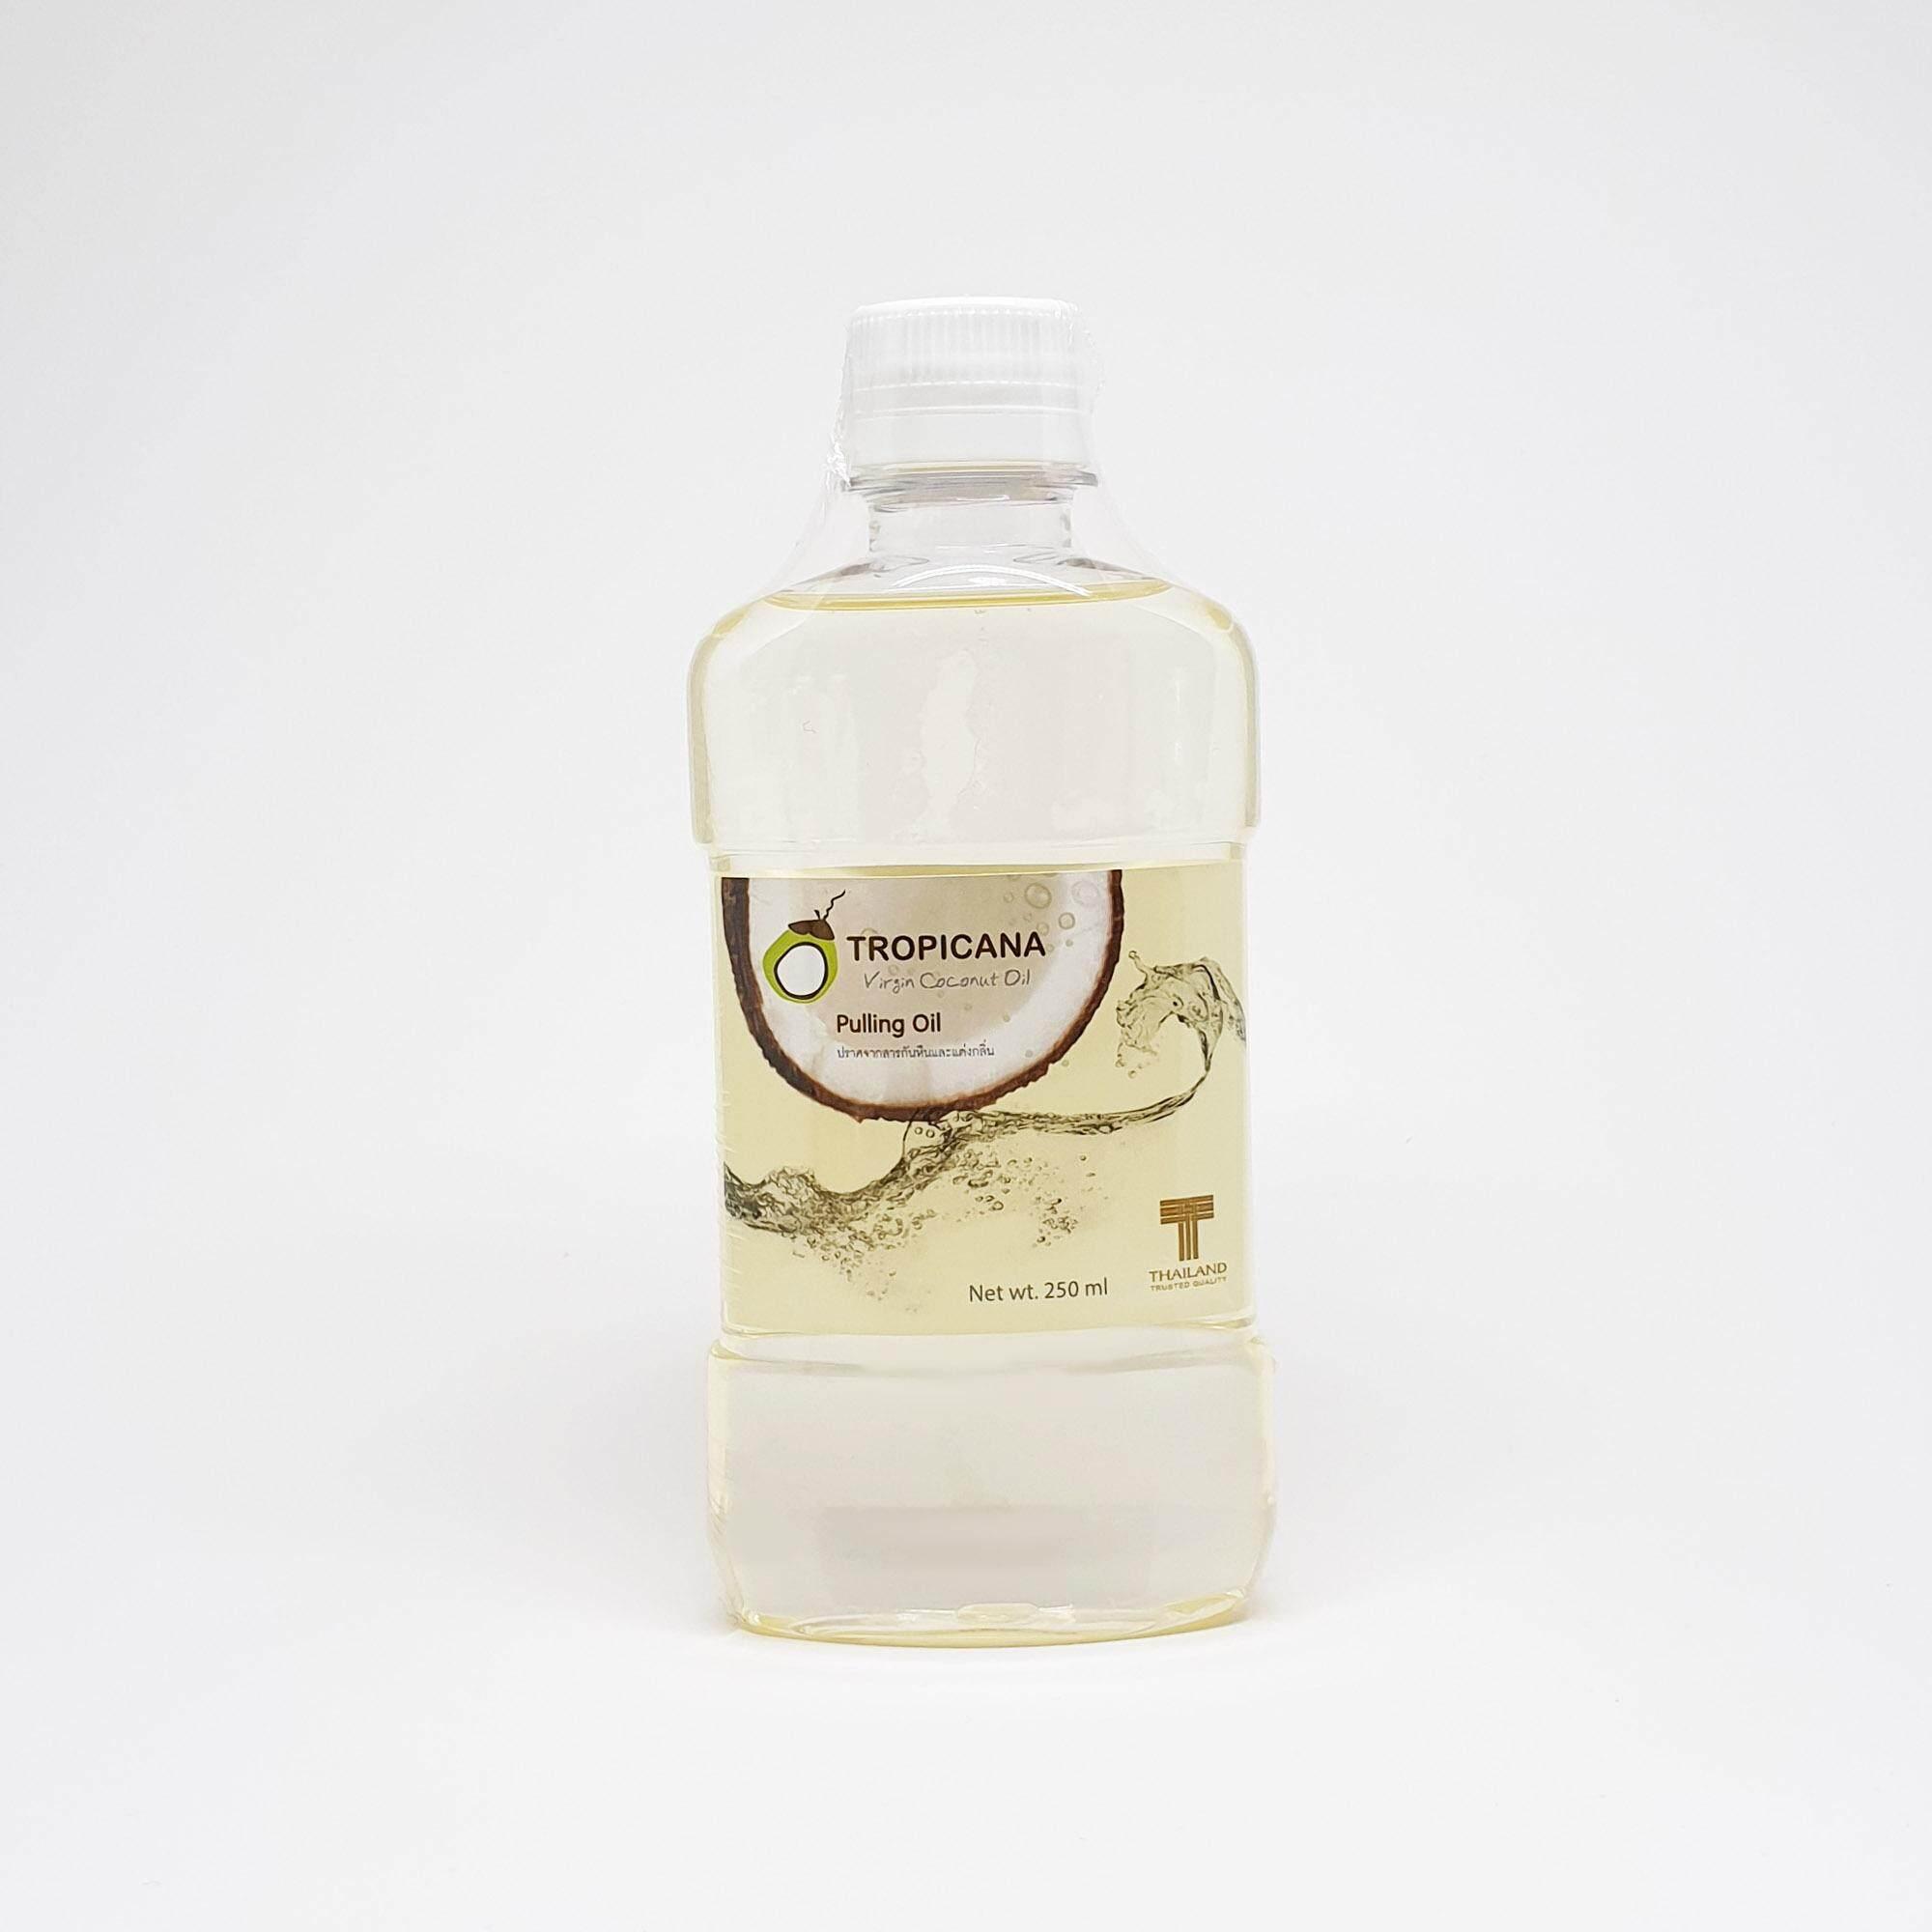 ทรอปิคานา น้ำมันมะพร้าวสกัดเย็นสำหรับบ้วนปาก 250 มิลลิลิตร